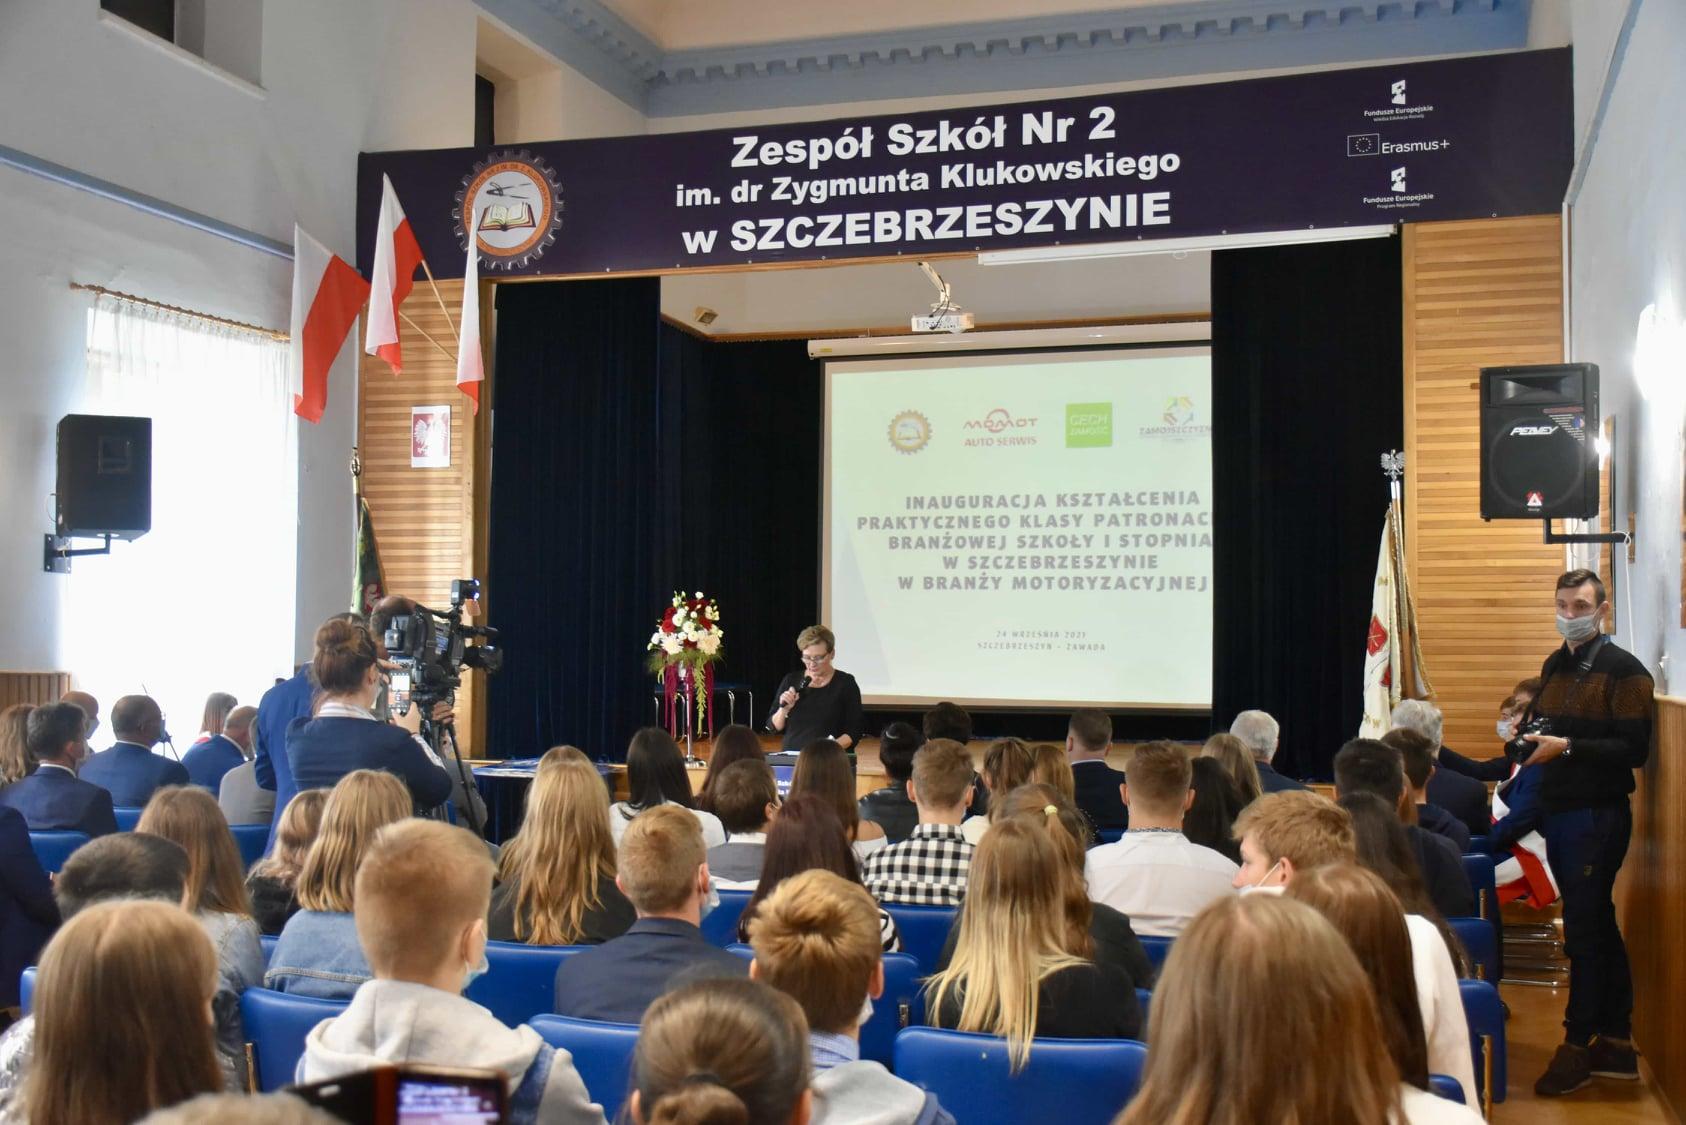 242810153 119313693801093 3558405844191401102 n Wizyta ministra Przemysława Czarnka w Branżowej Szkole w Szczebrzeszynie